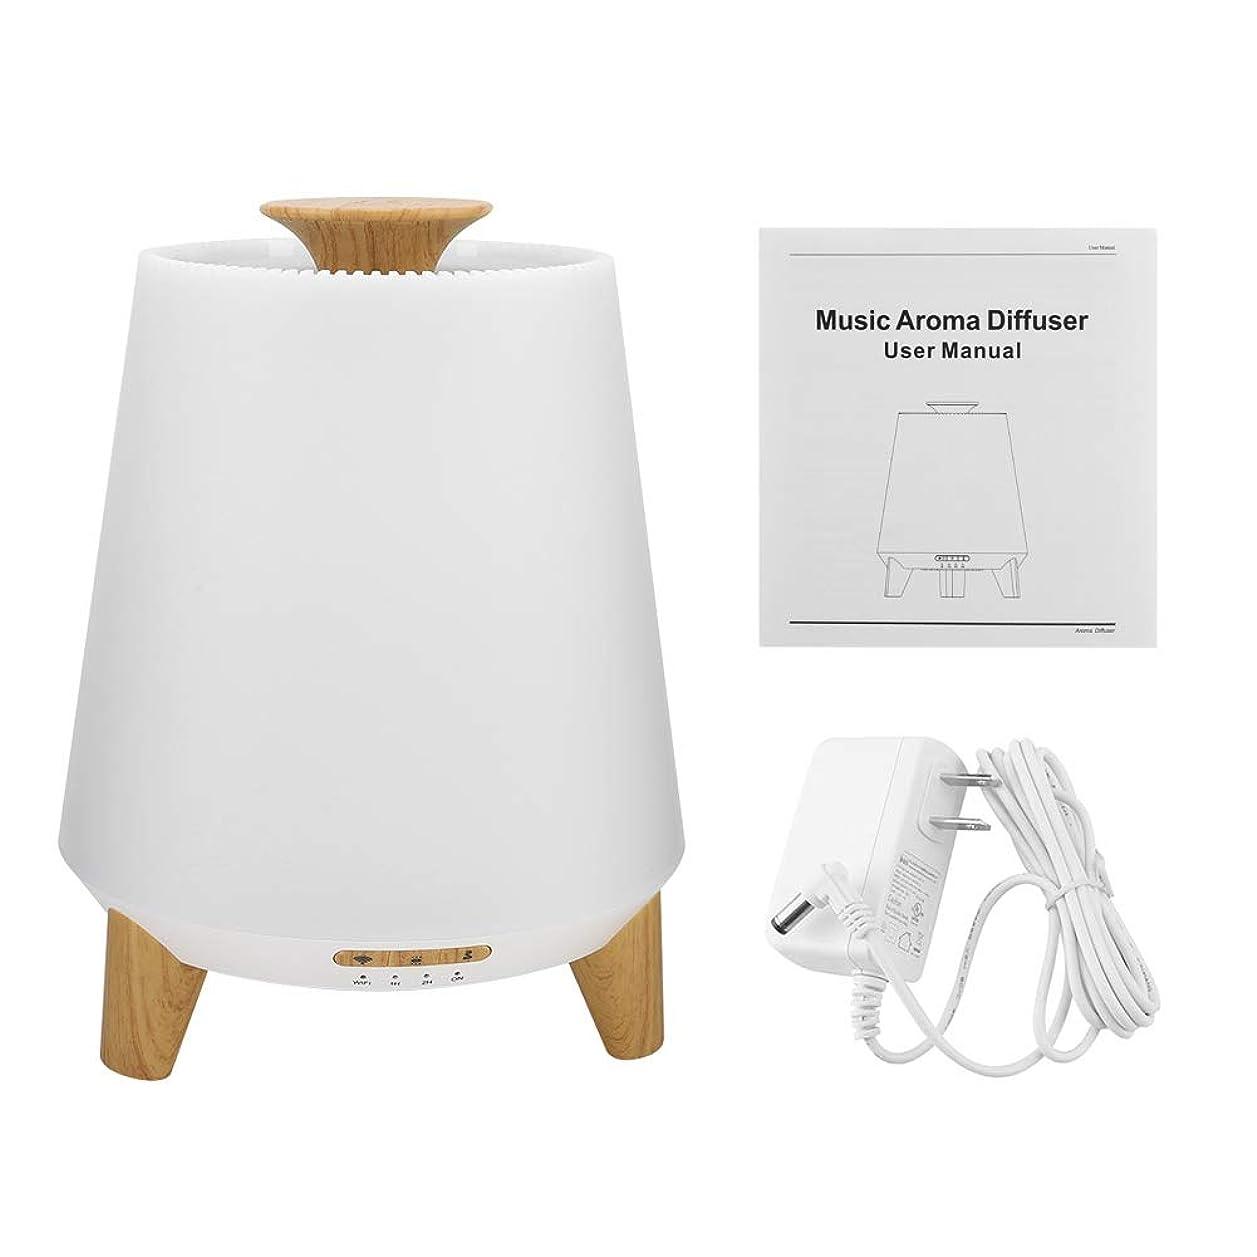 戦う数学的な草加湿器 アロマディフューザー 音楽プレーヤー 3 in 1 7色LEDライト クールミスト WIFI スマート 超音波 アロマ エッセンシャルオイル 互換性用 300ml(#1)